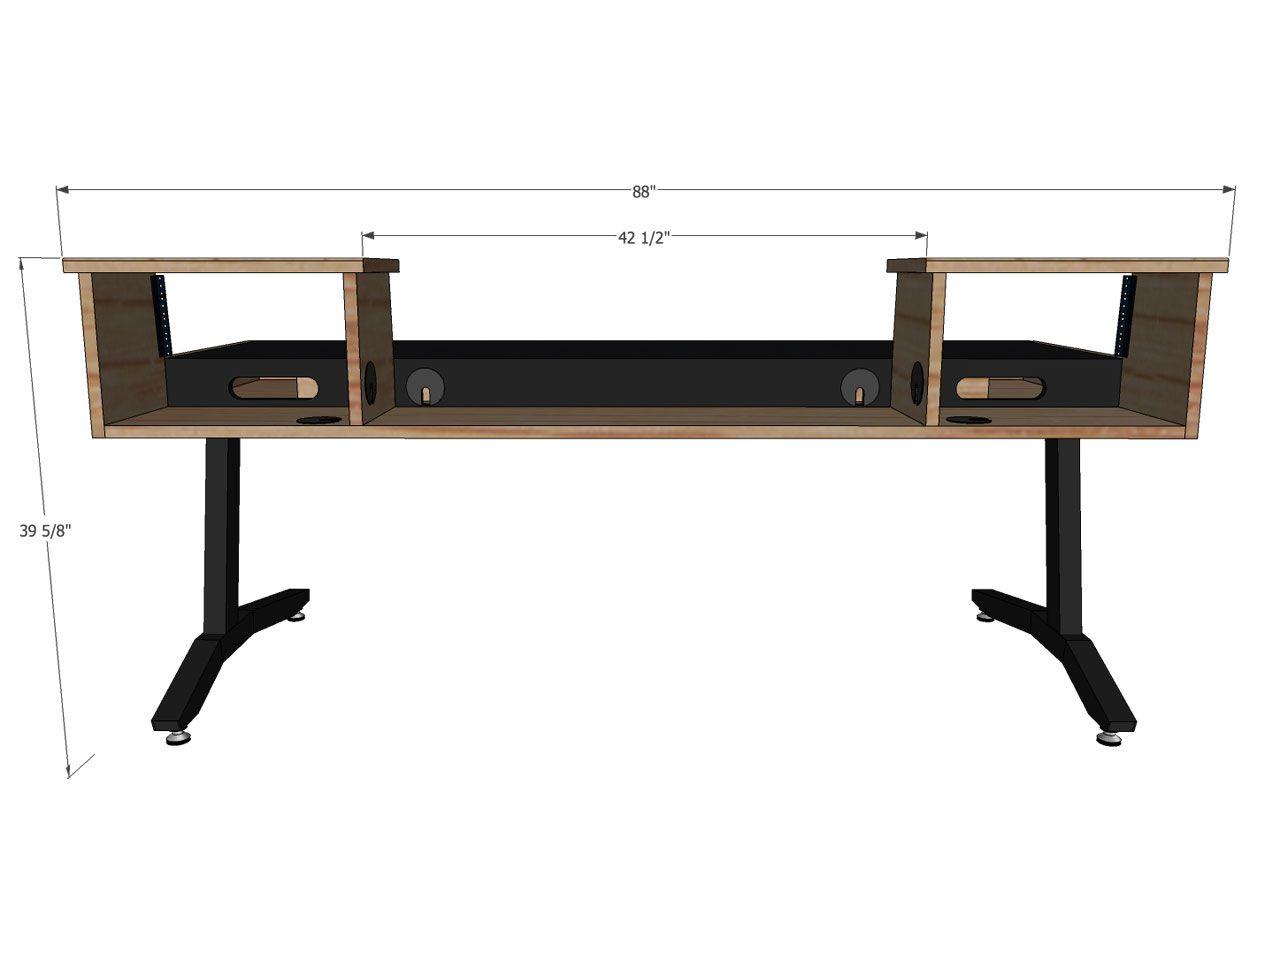 SCS Keyboard Desks 88 Key | Desks, Key and Man cave art